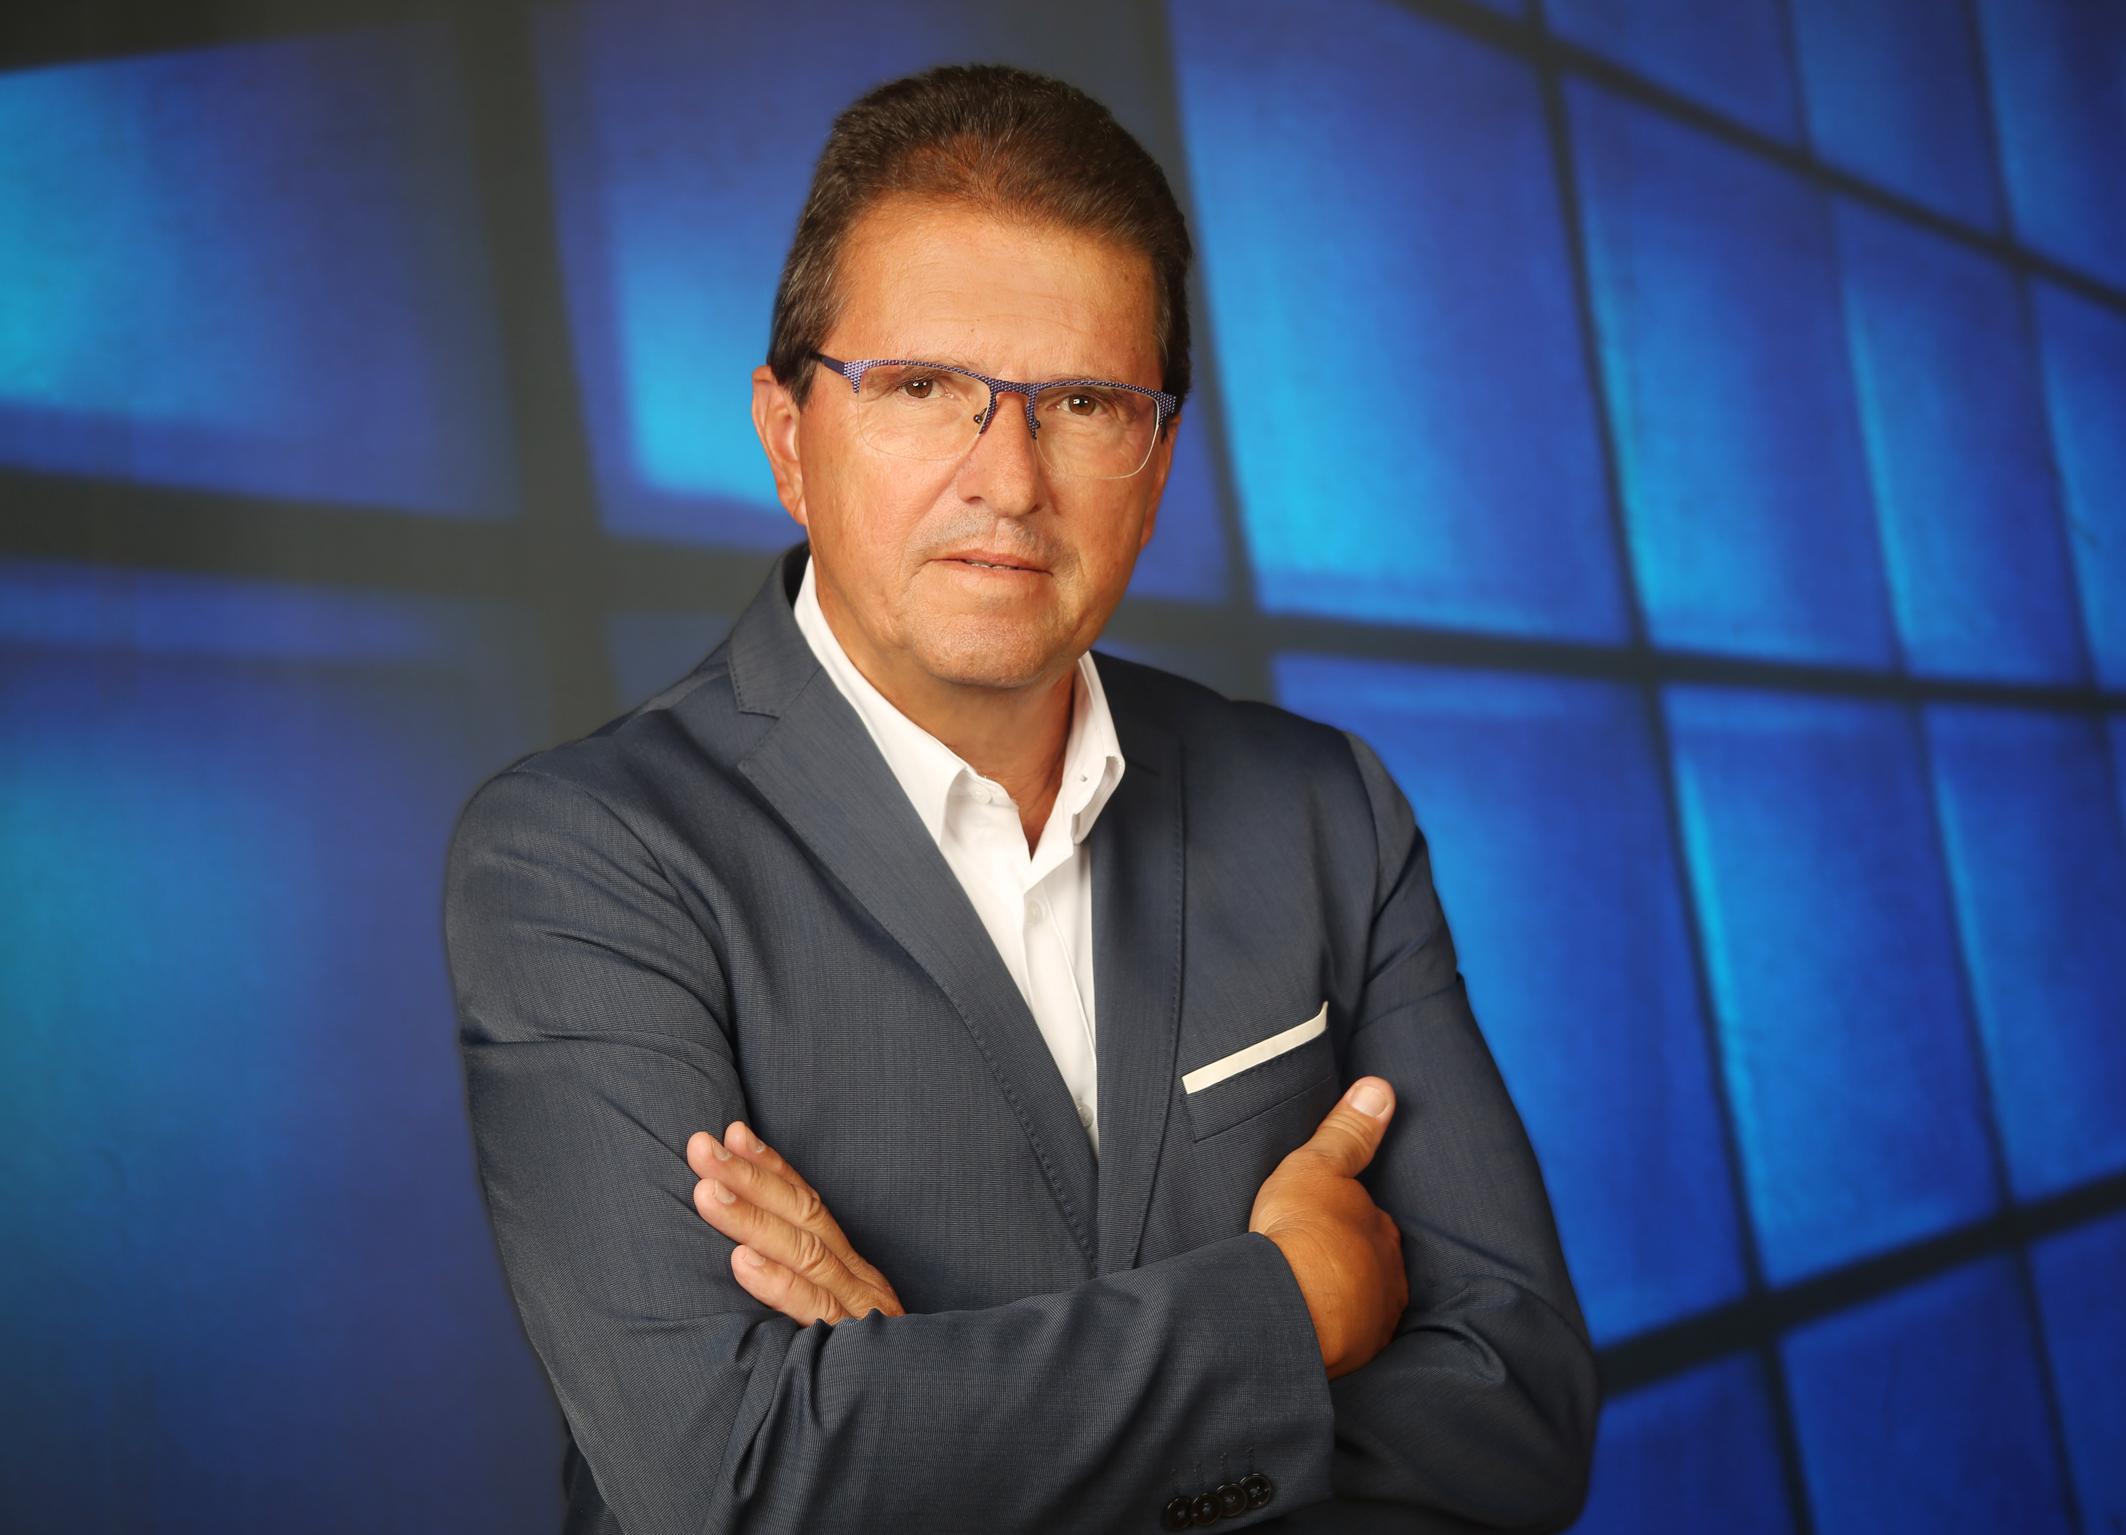 Christian Grossek